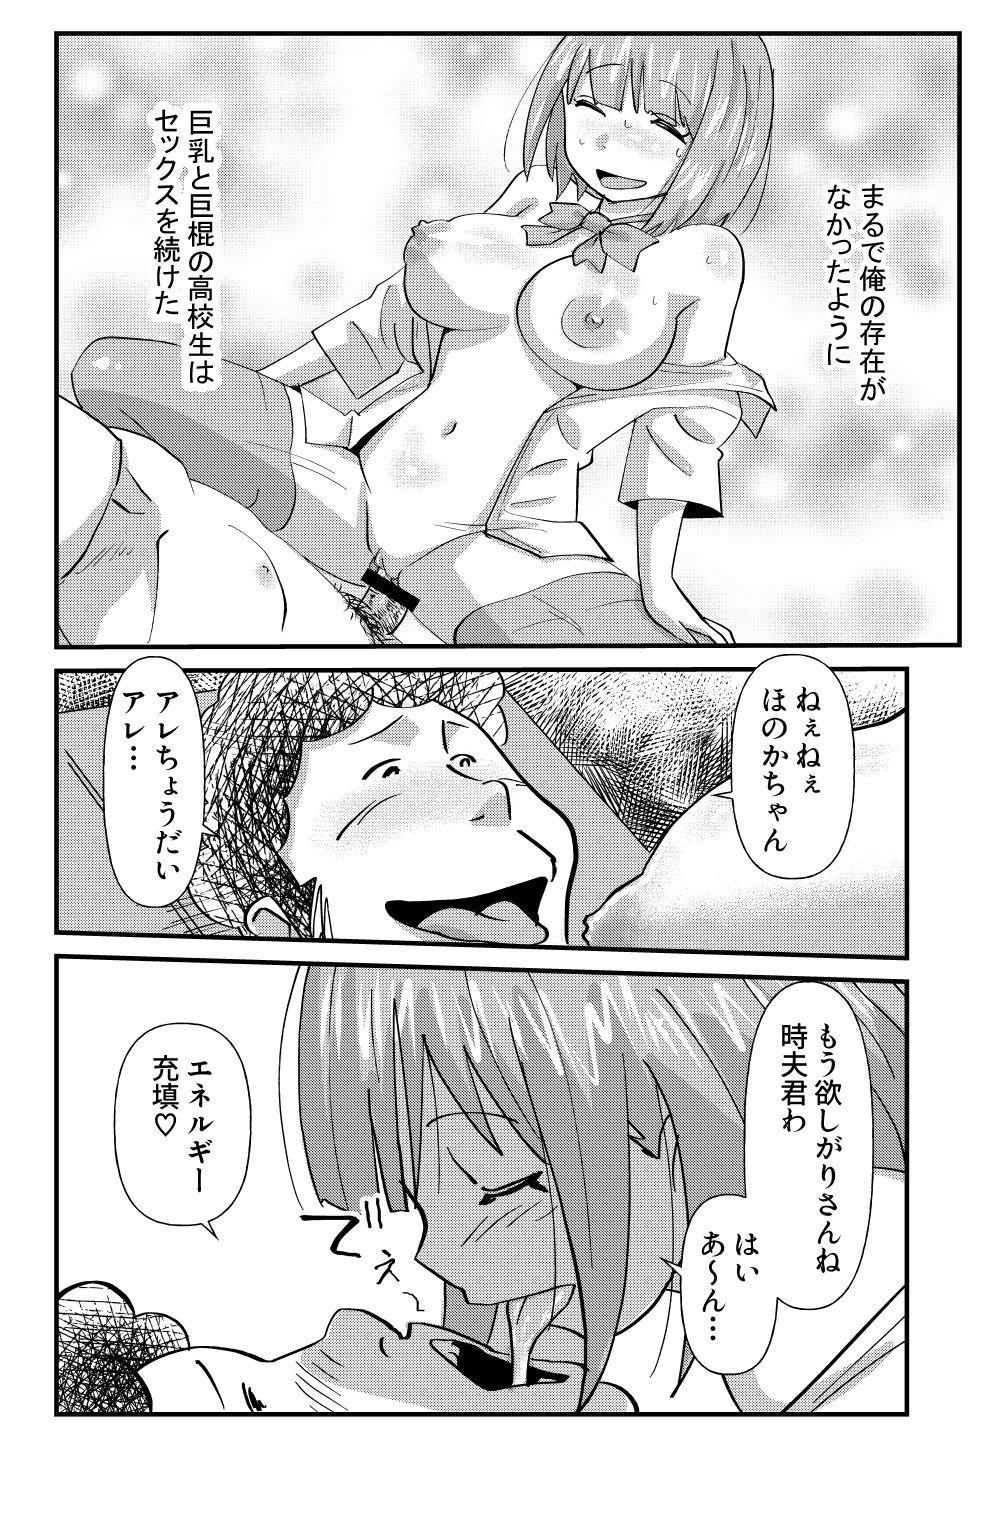 Otonashii-kei Joshi Mukai Honoka no Nichijou o Shitta Toki... 17